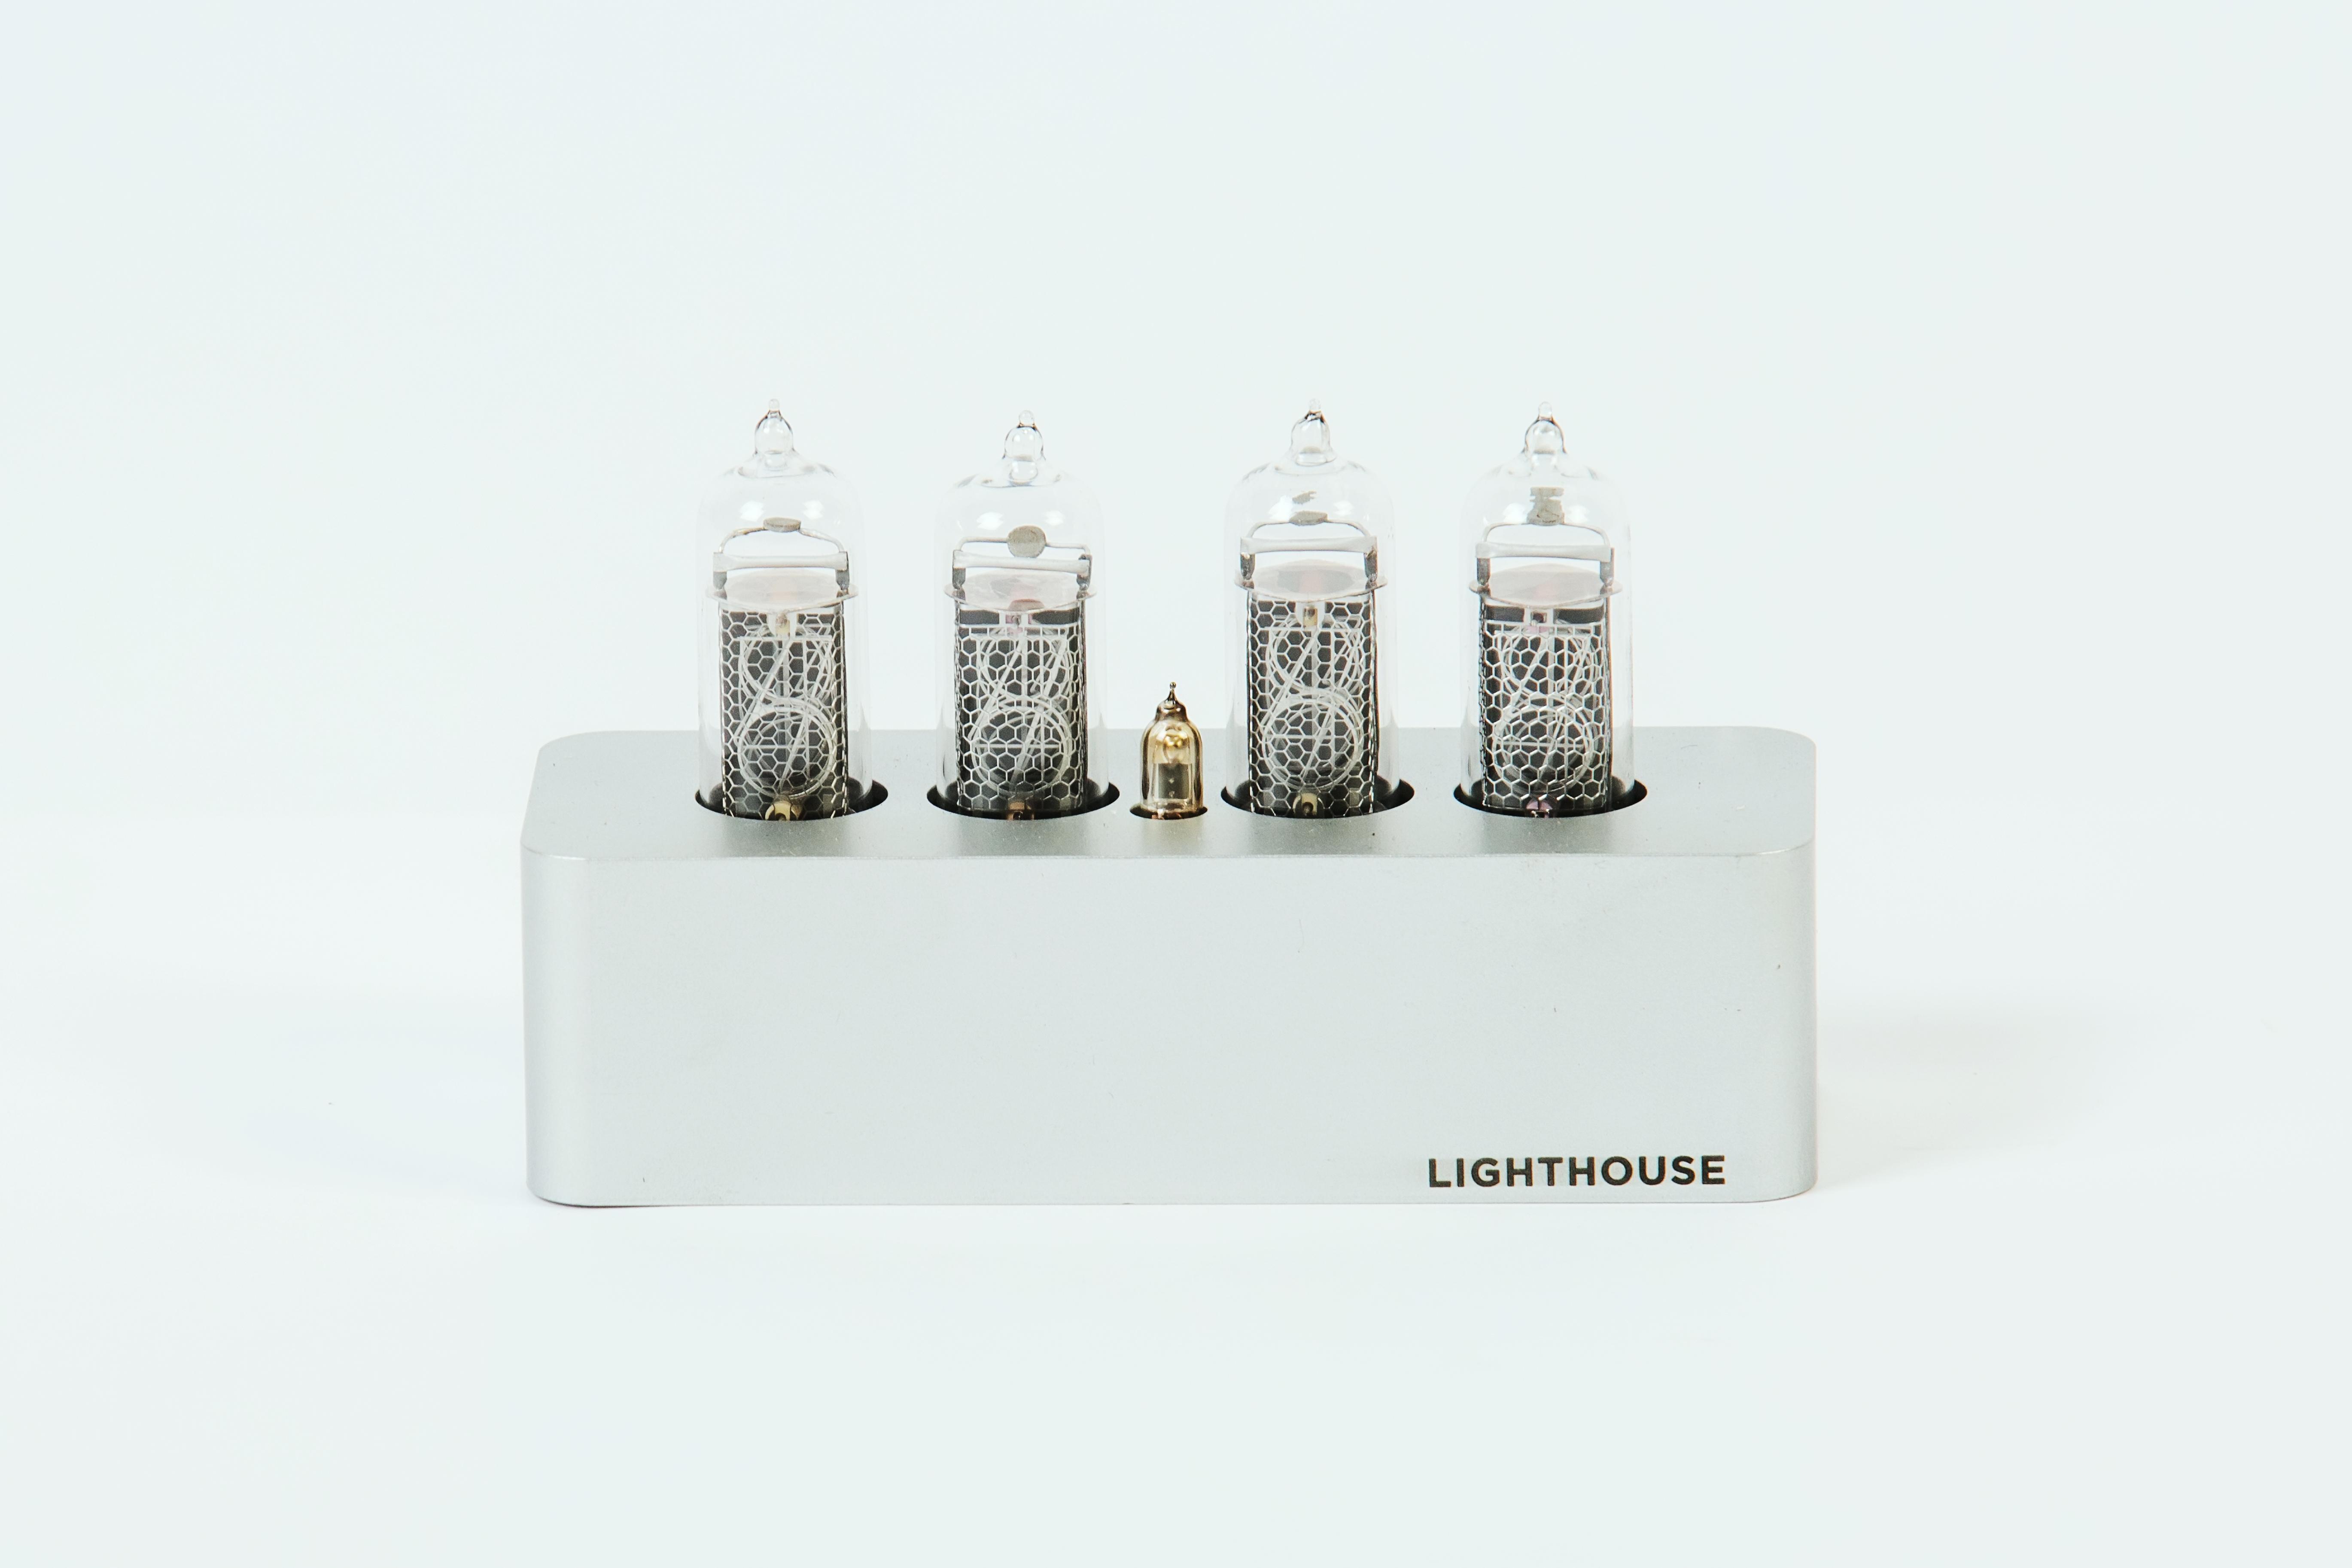 Часы на газоразрядных индикаторах in-14 Lighthouse Silver